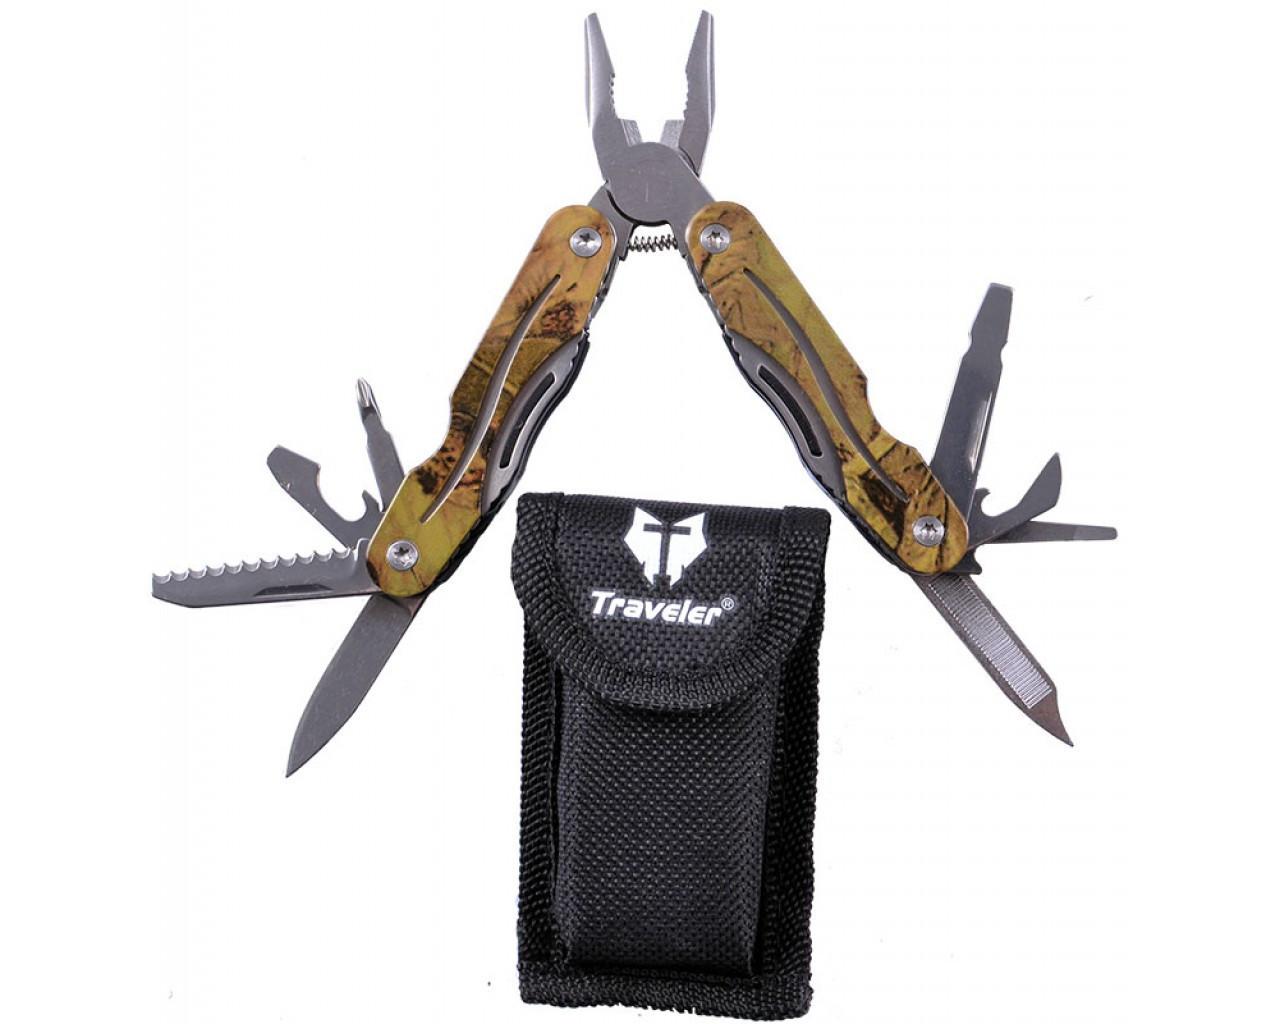 Нож многофункцыональный мультитул Traveler NТ-830